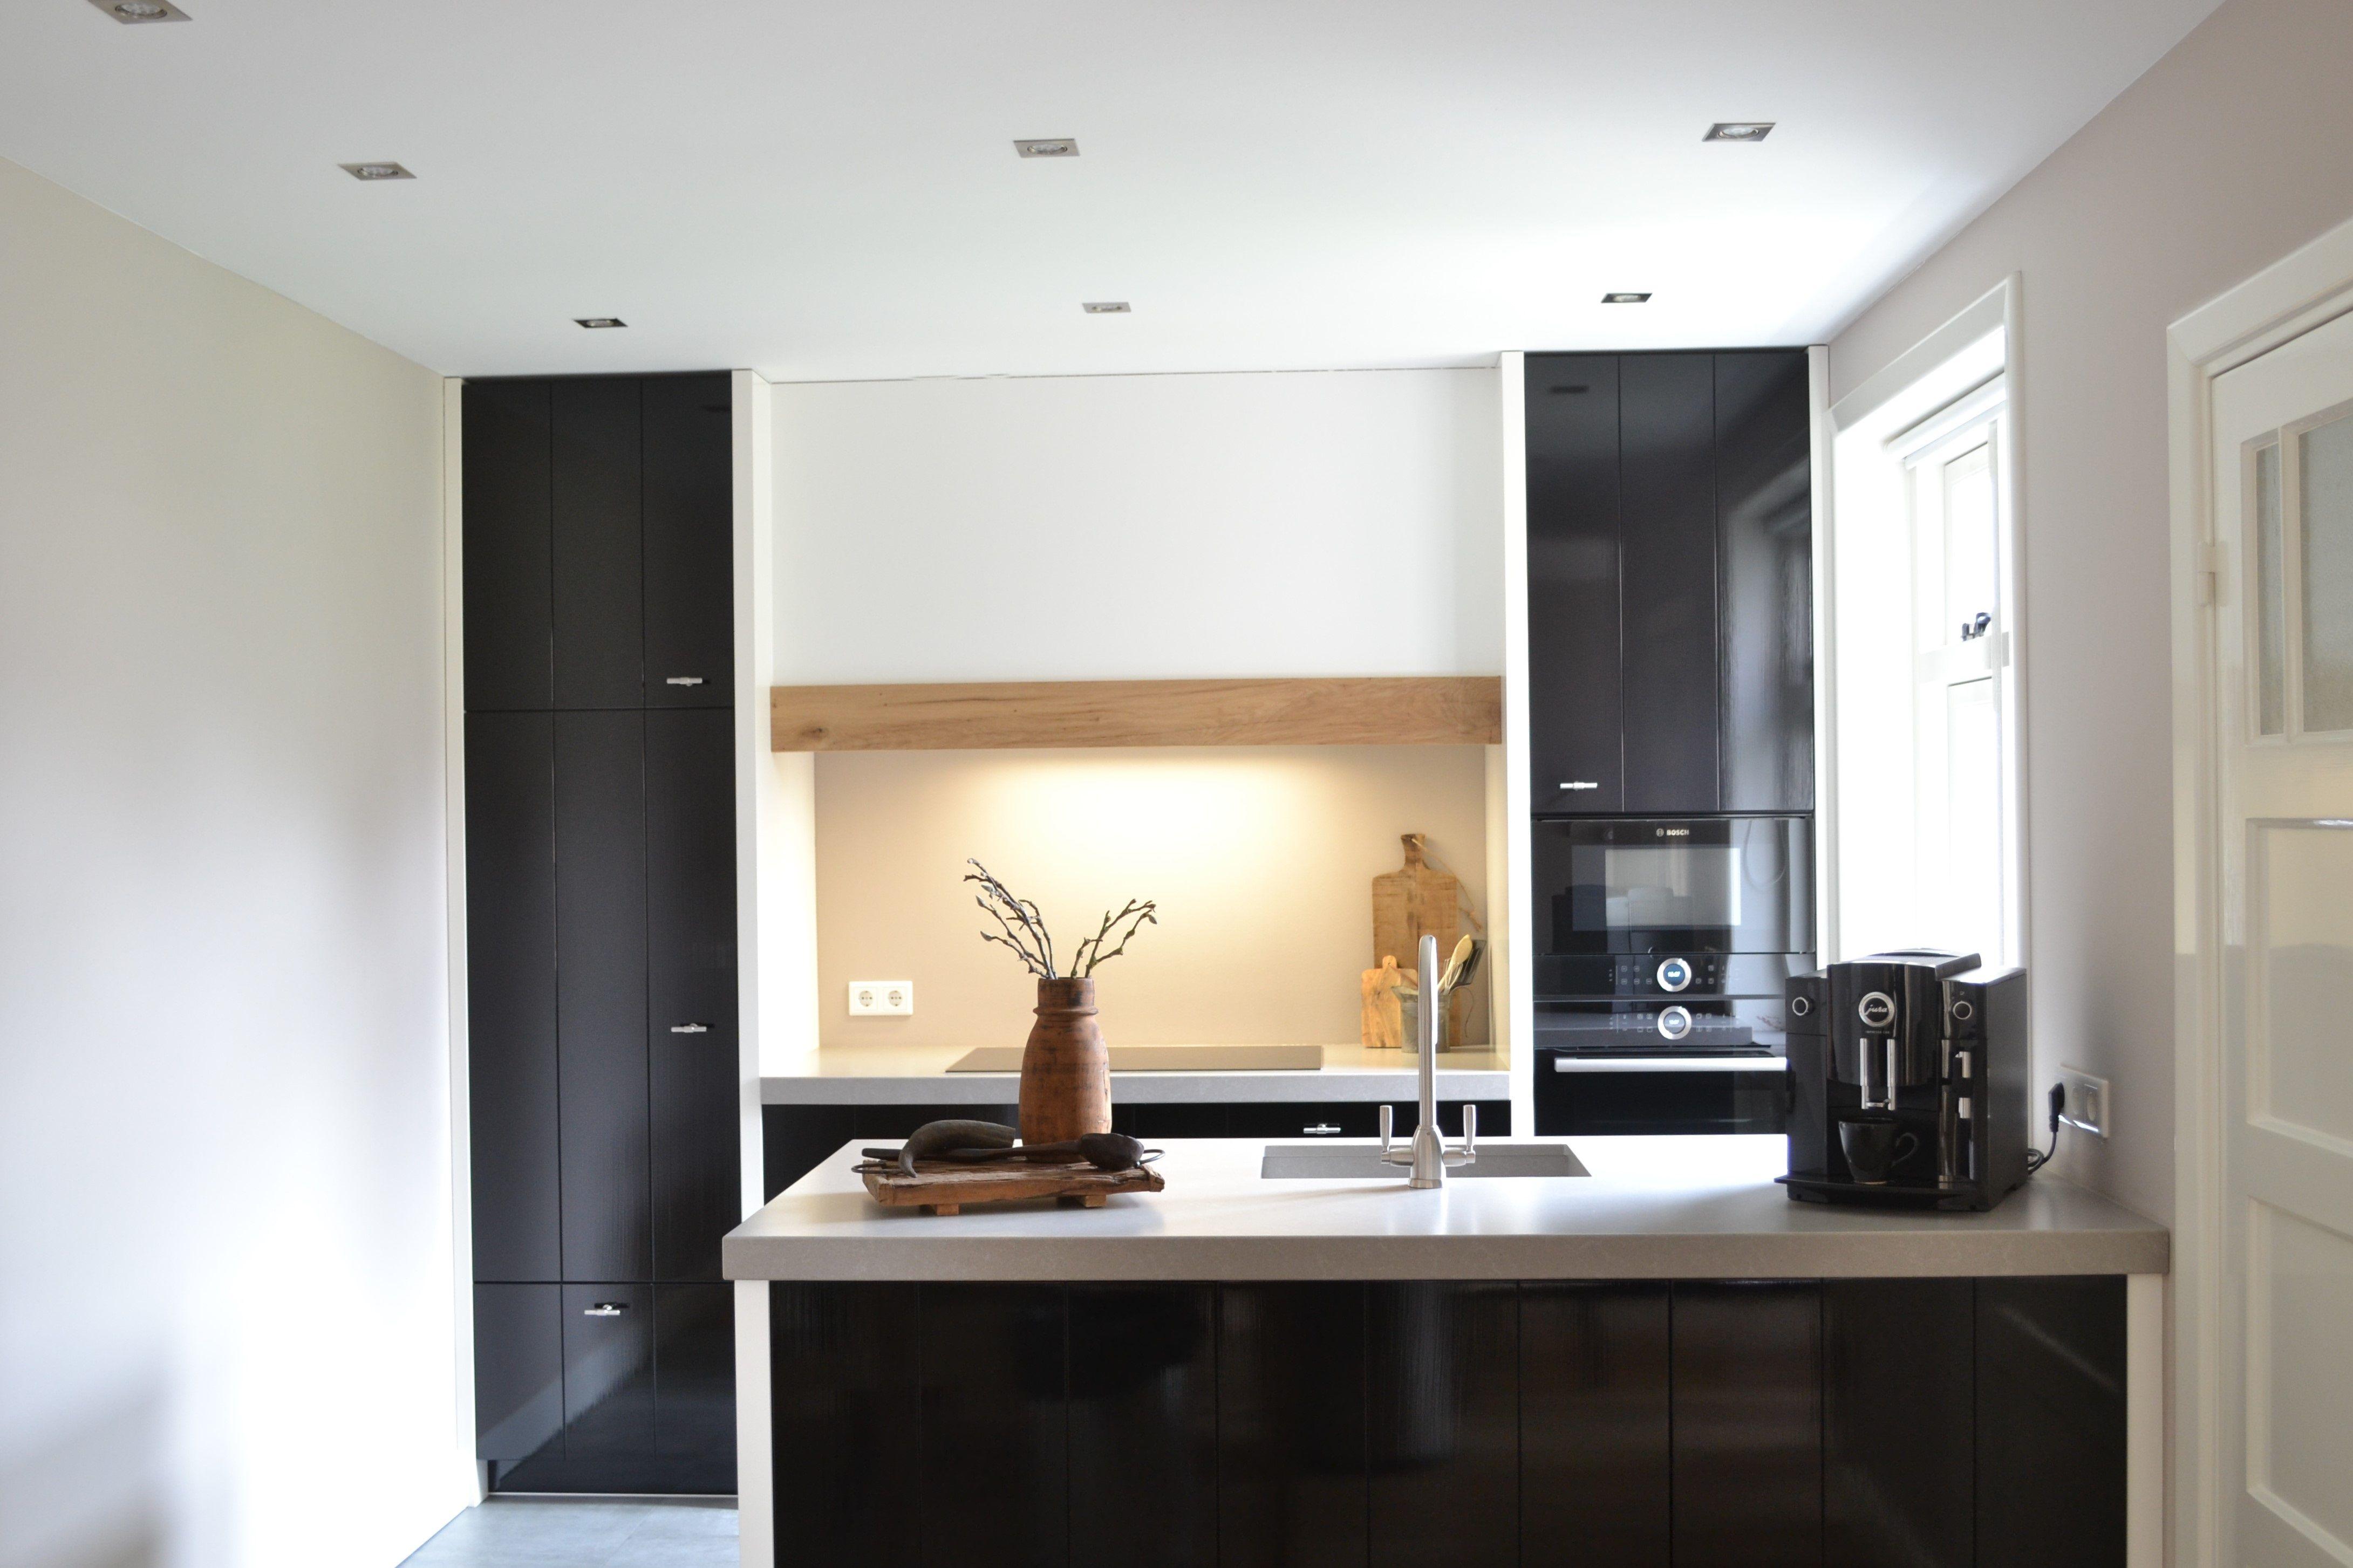 Kvik zwarte keuken u informatie over de keuken